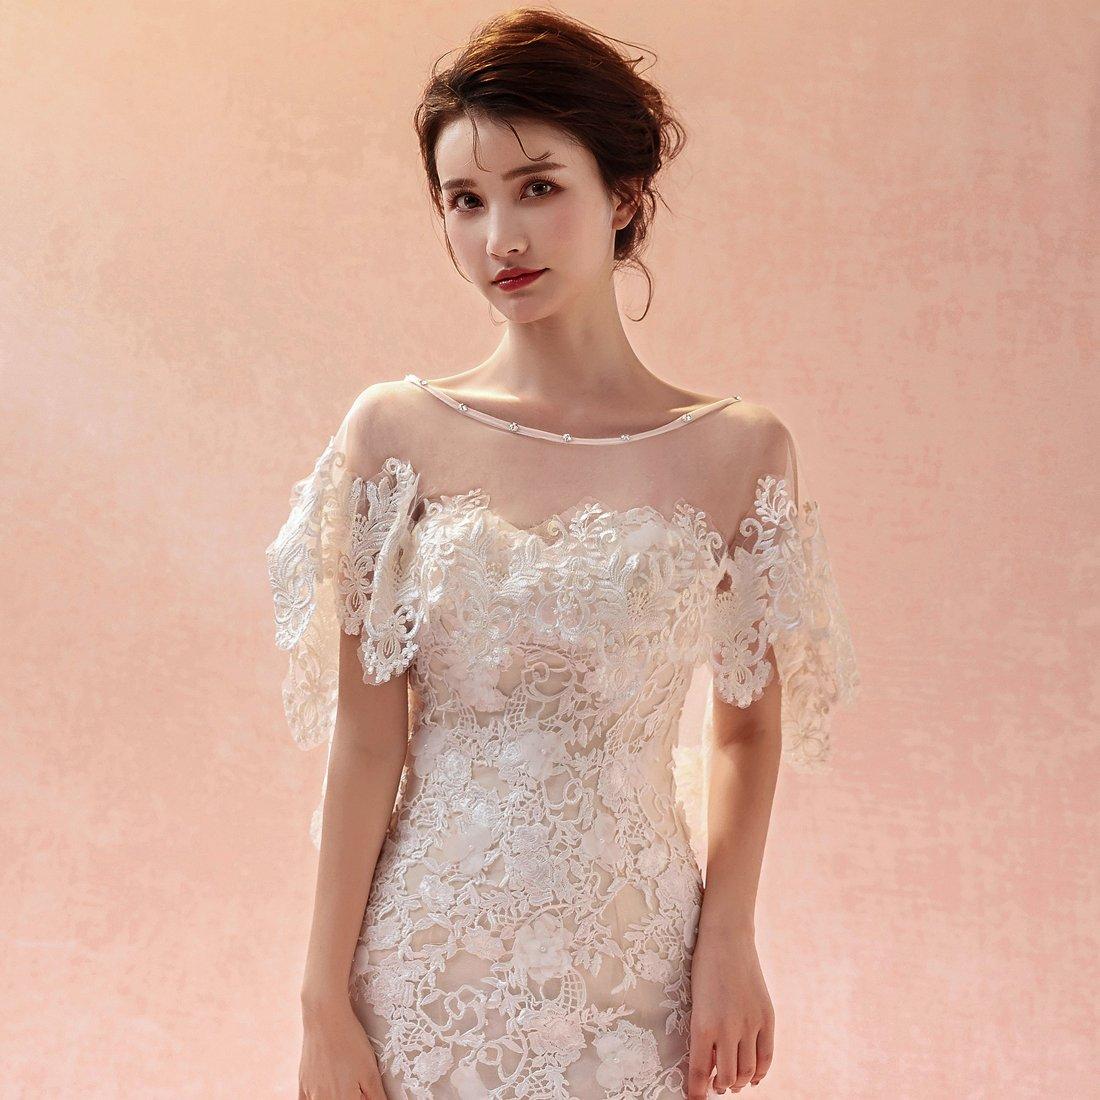 Womens Champagne Wraps Cape Lace Shawl for Wedding Dresses C1C: Amazon.co.uk: Clothing